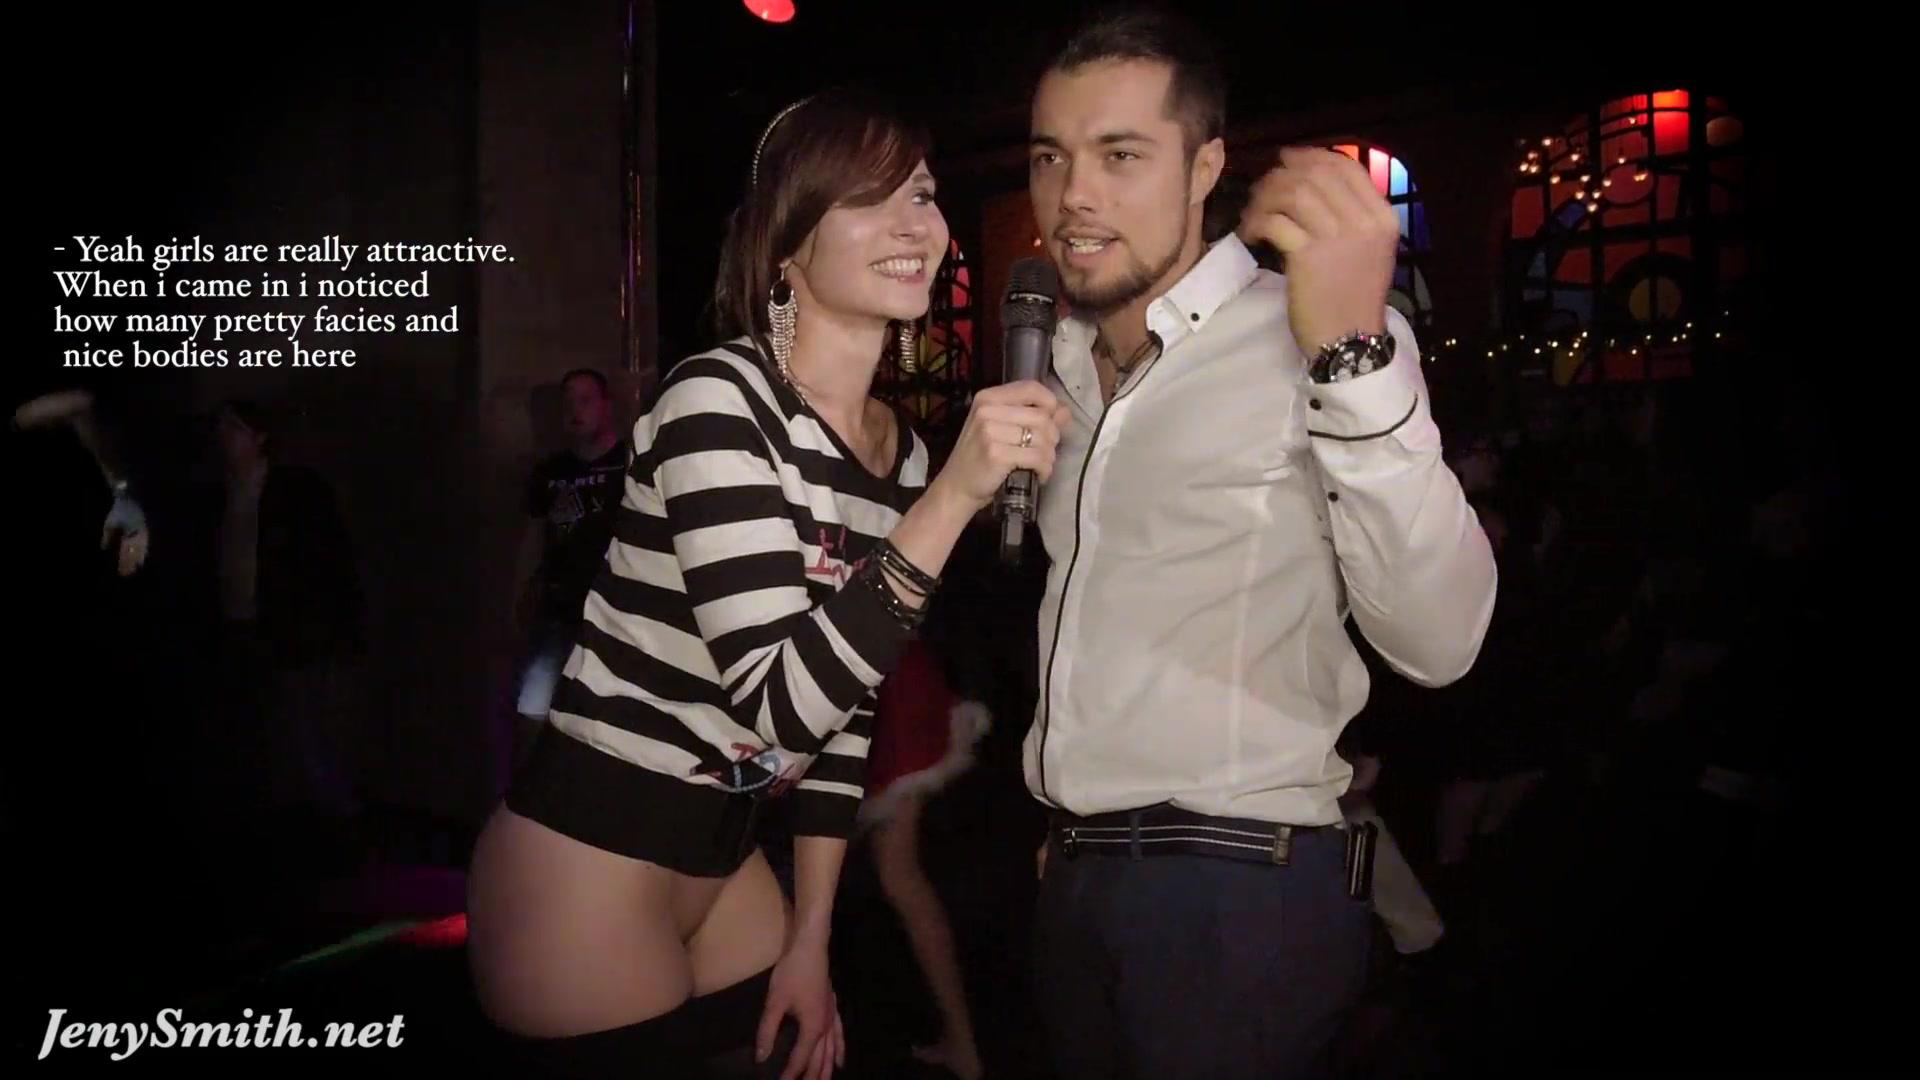 russkoe-porno-pati-v-moskovskom-klube